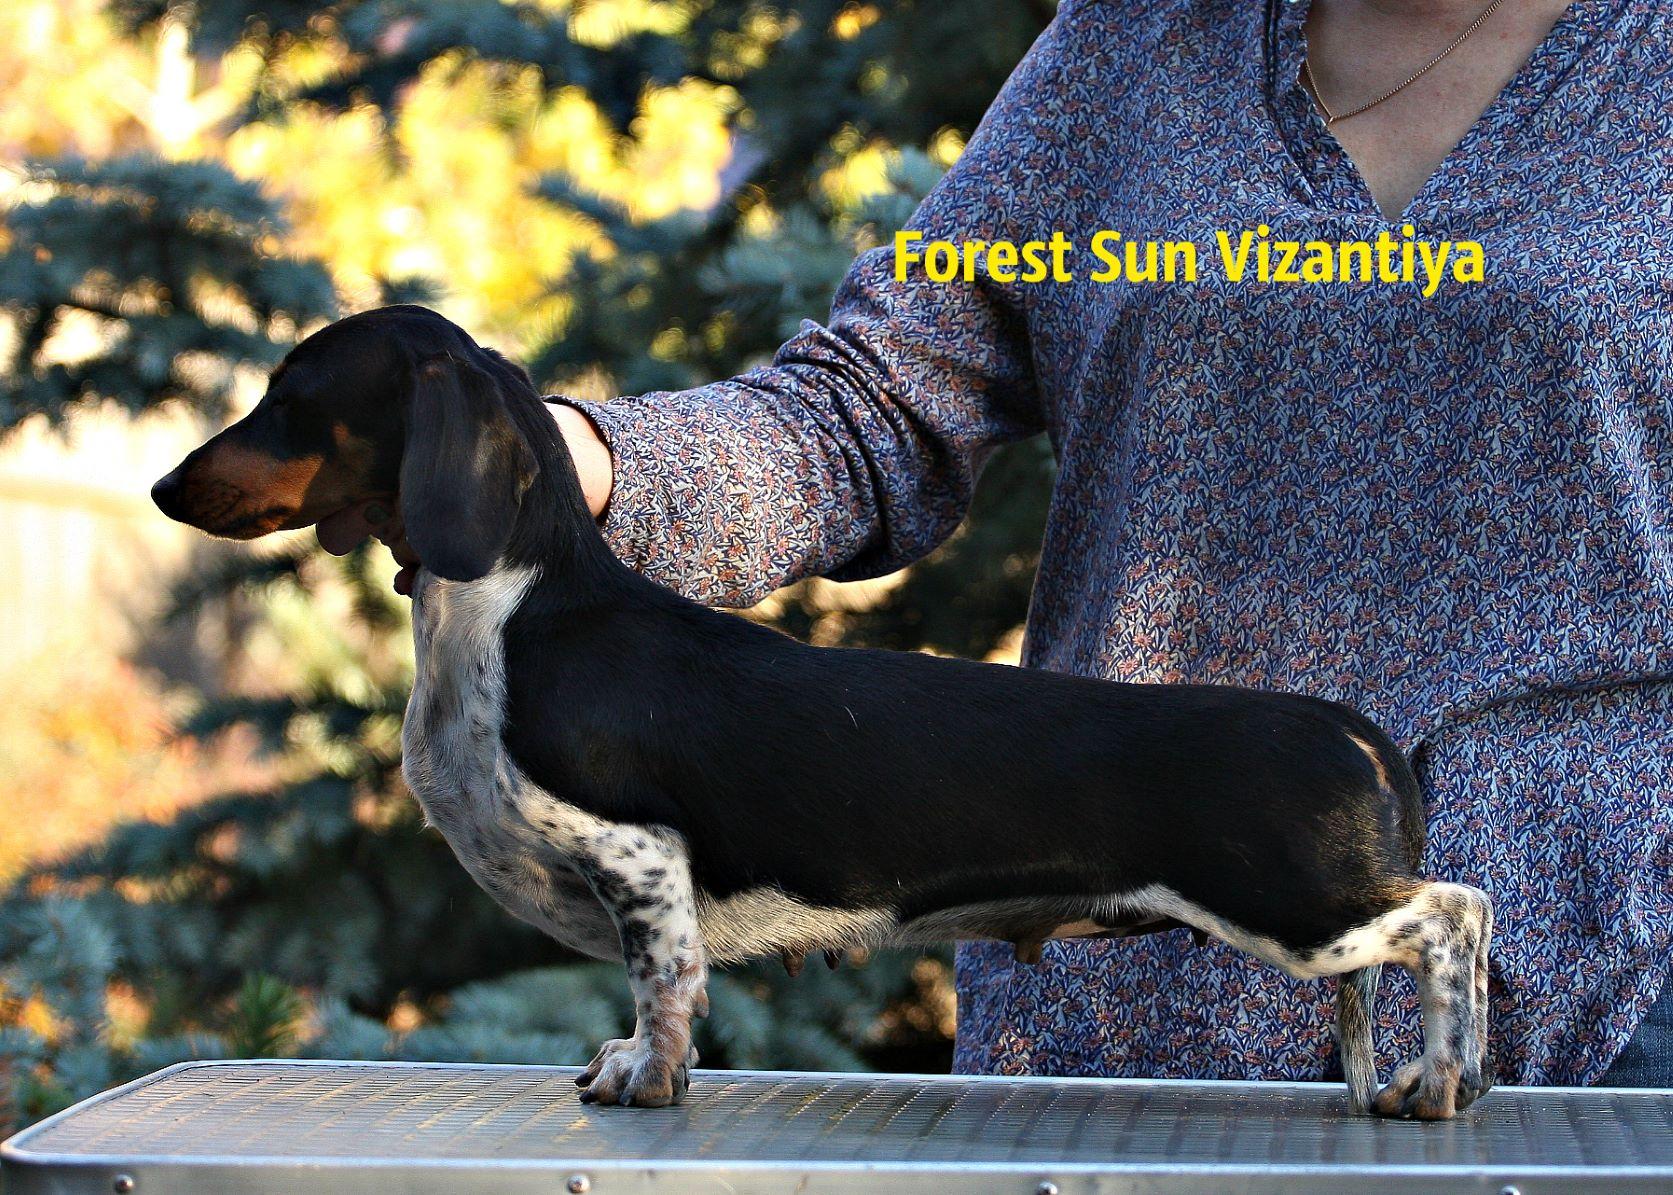 Forest Sun Vizantiya